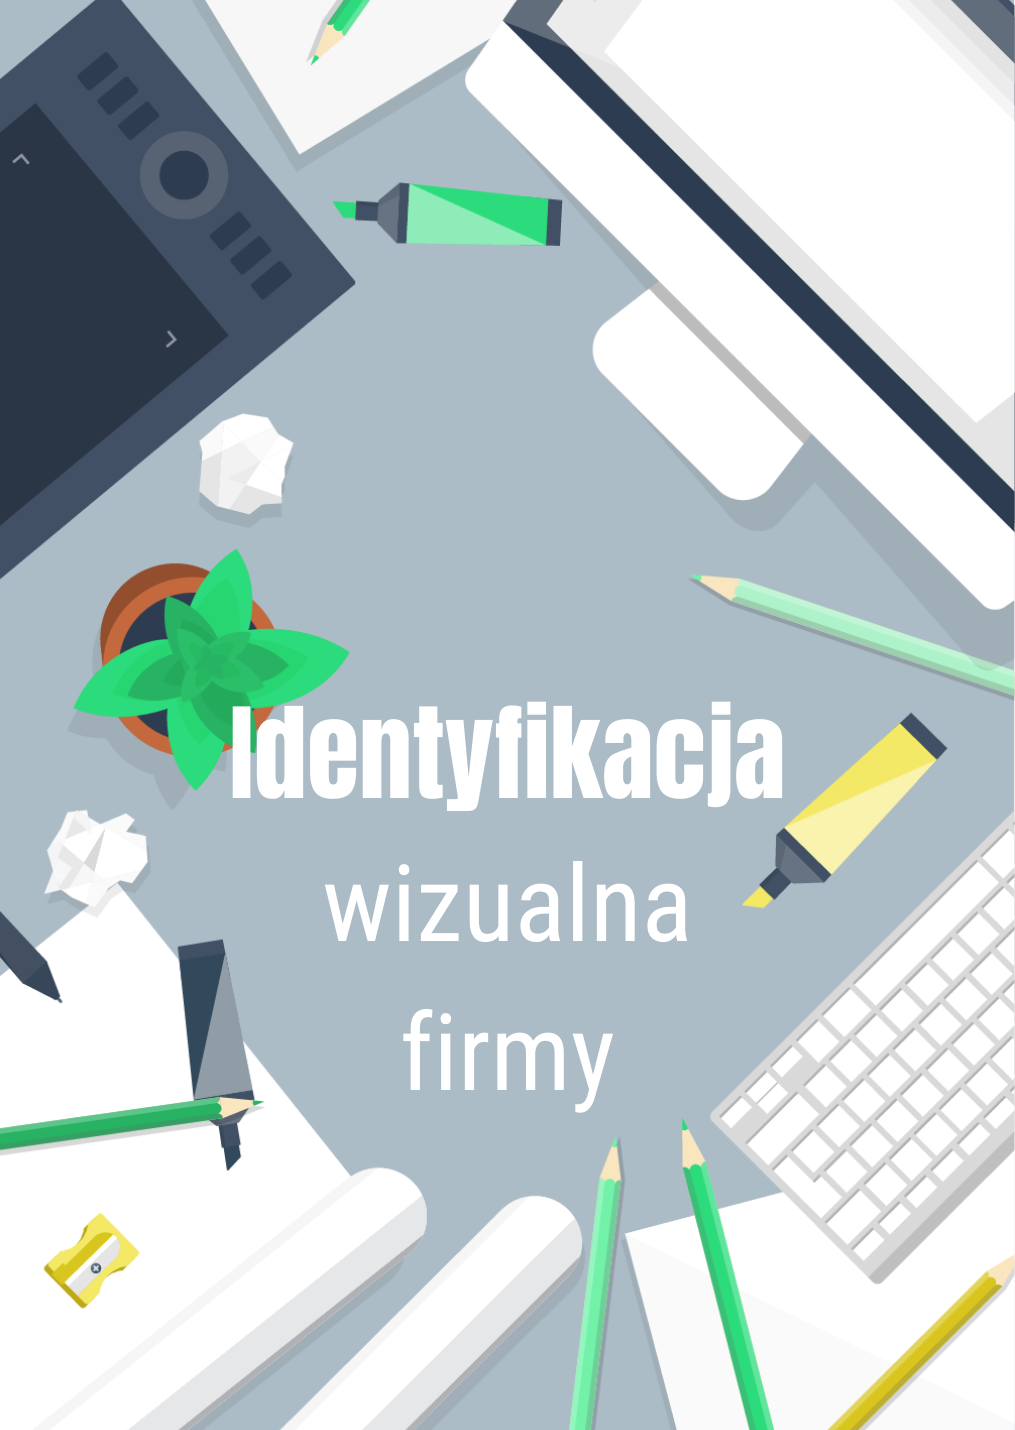 CG - Identyfikacja wizualna firmy